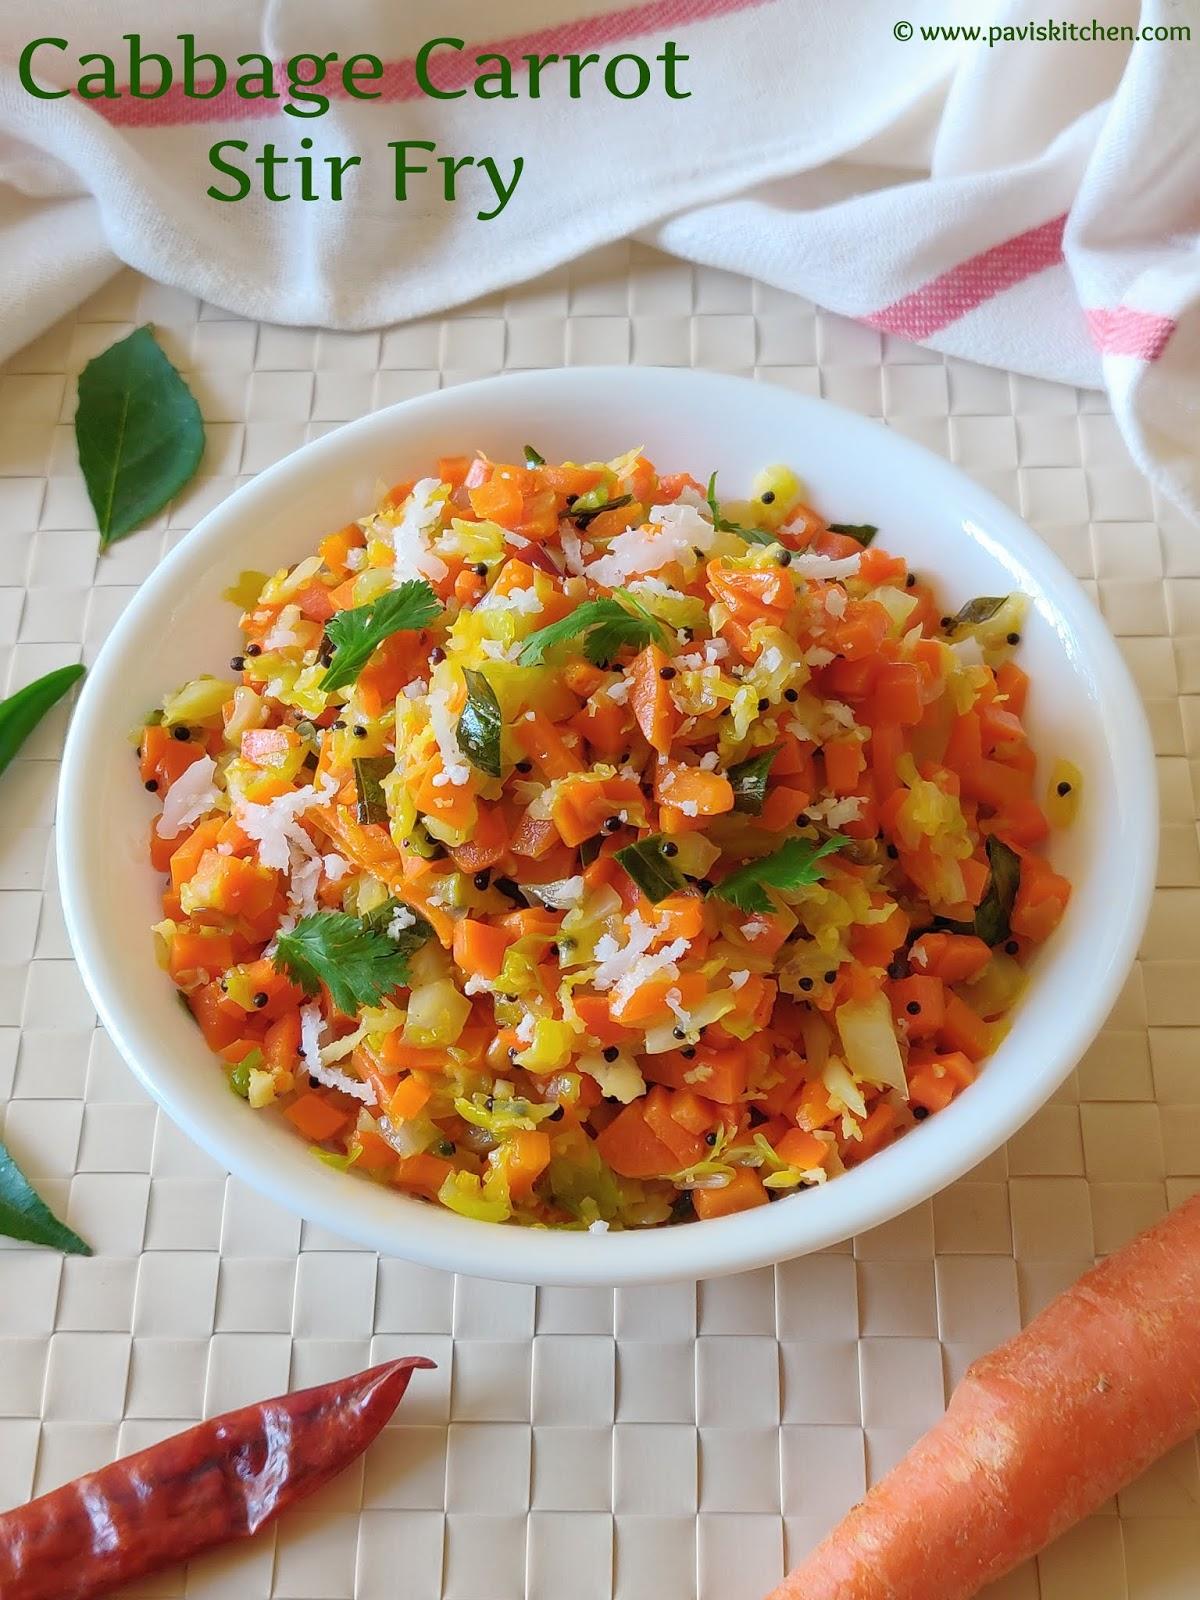 Cabbage Carrot Poriyal | Cabbage Carrot Stir Fry | Cabbage Carrot Palya